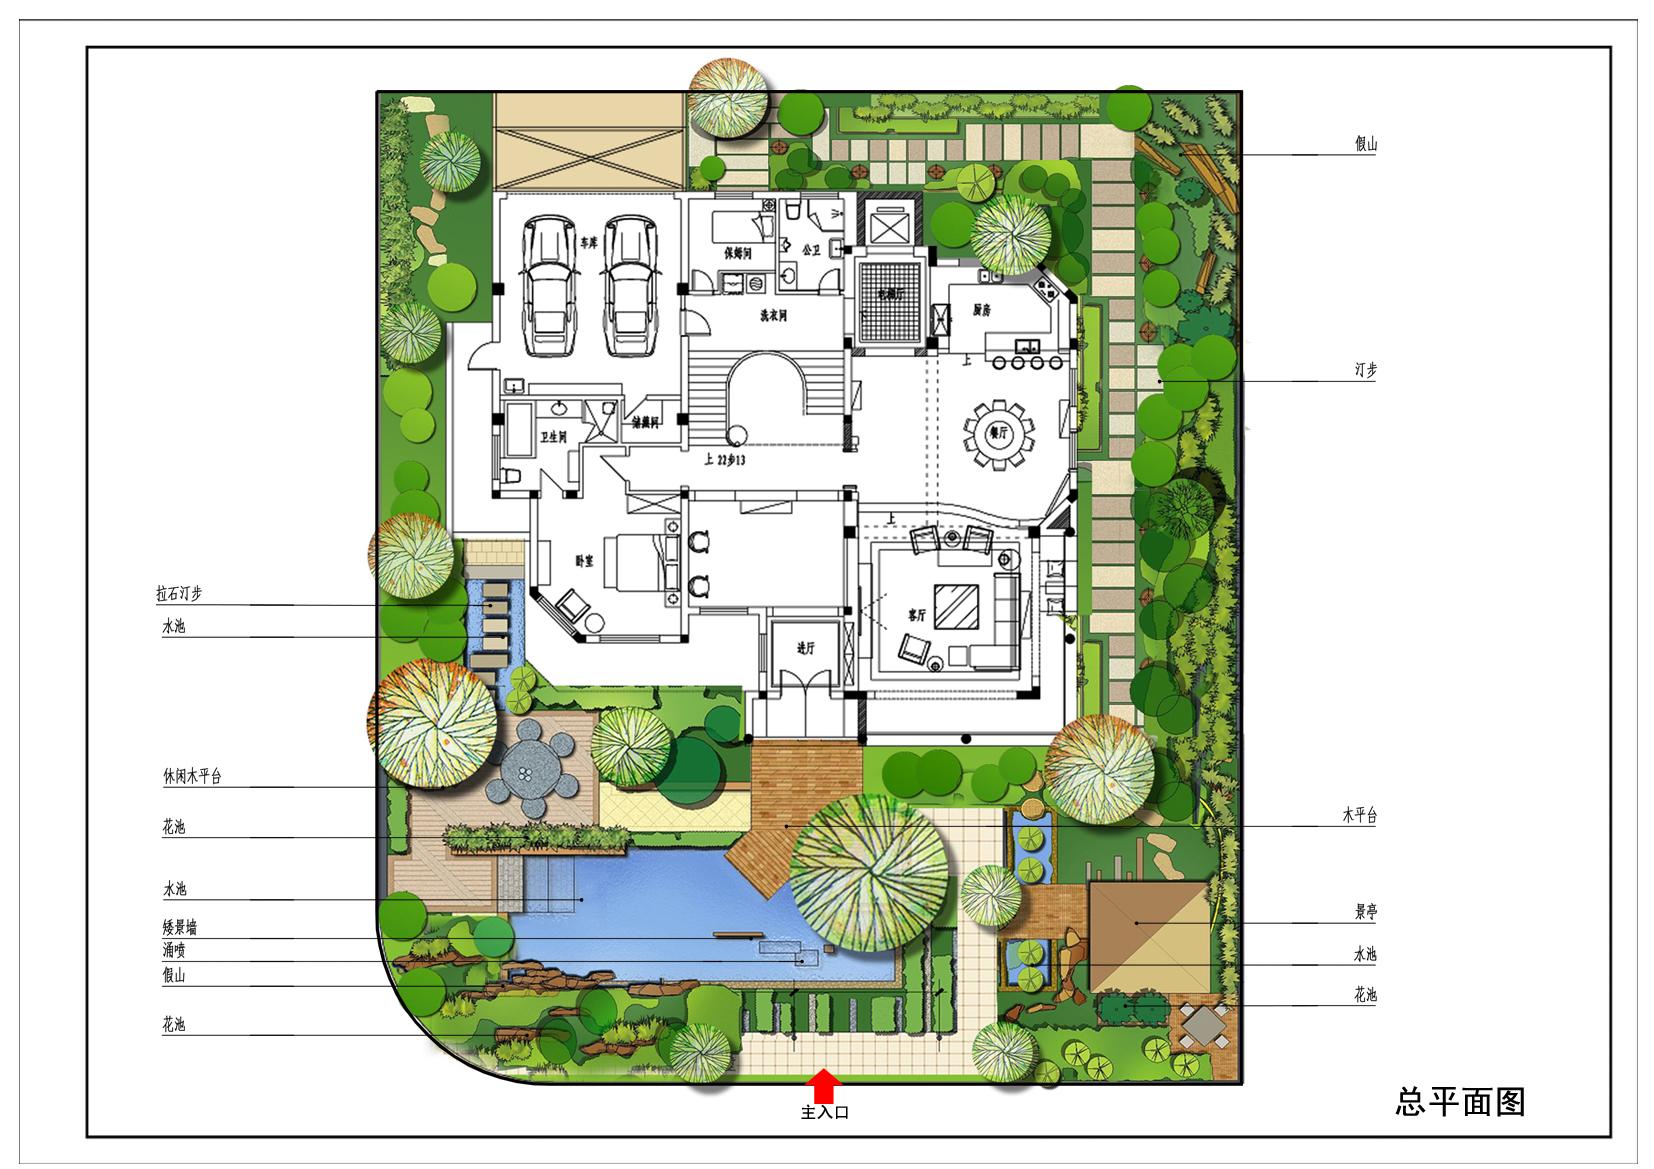 图纸 园林设计图 别墅庭院方案  上传时间:2010-09-02 所属分类:园林